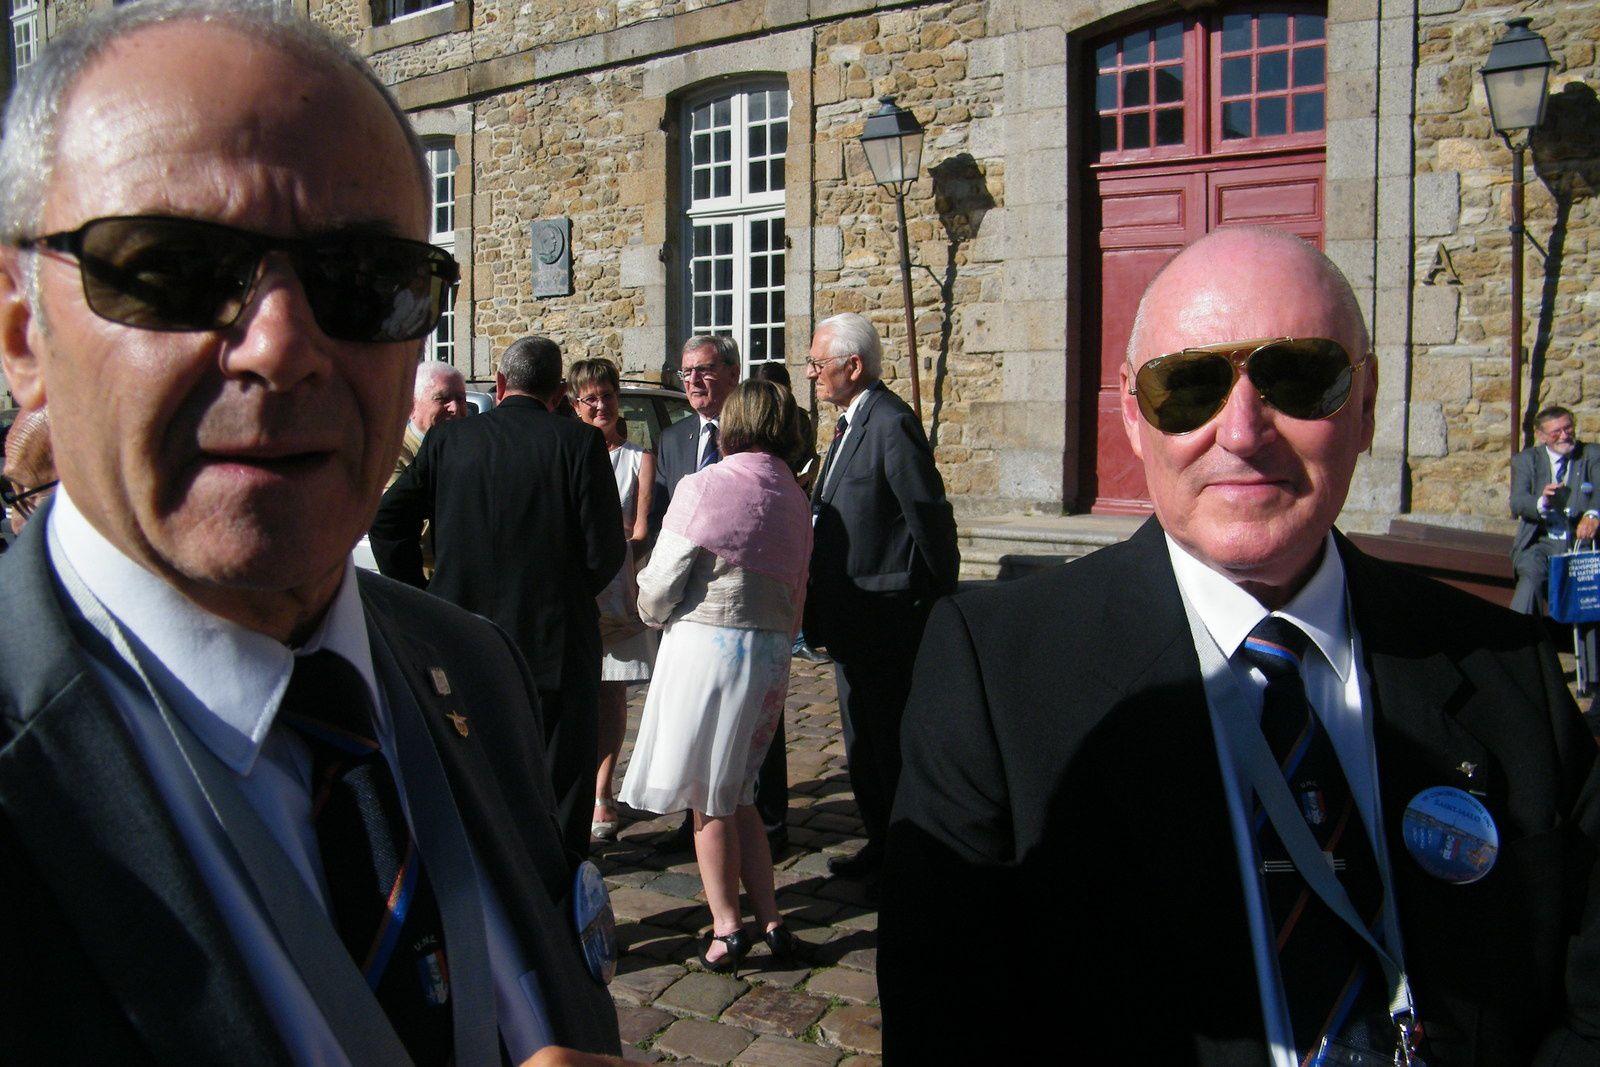 Les photos de notre secrétaire administrative qui a accueilli avec le sourire comme toujours et un grand professionnalisme les Congressistes au Quai Saint-Malo.